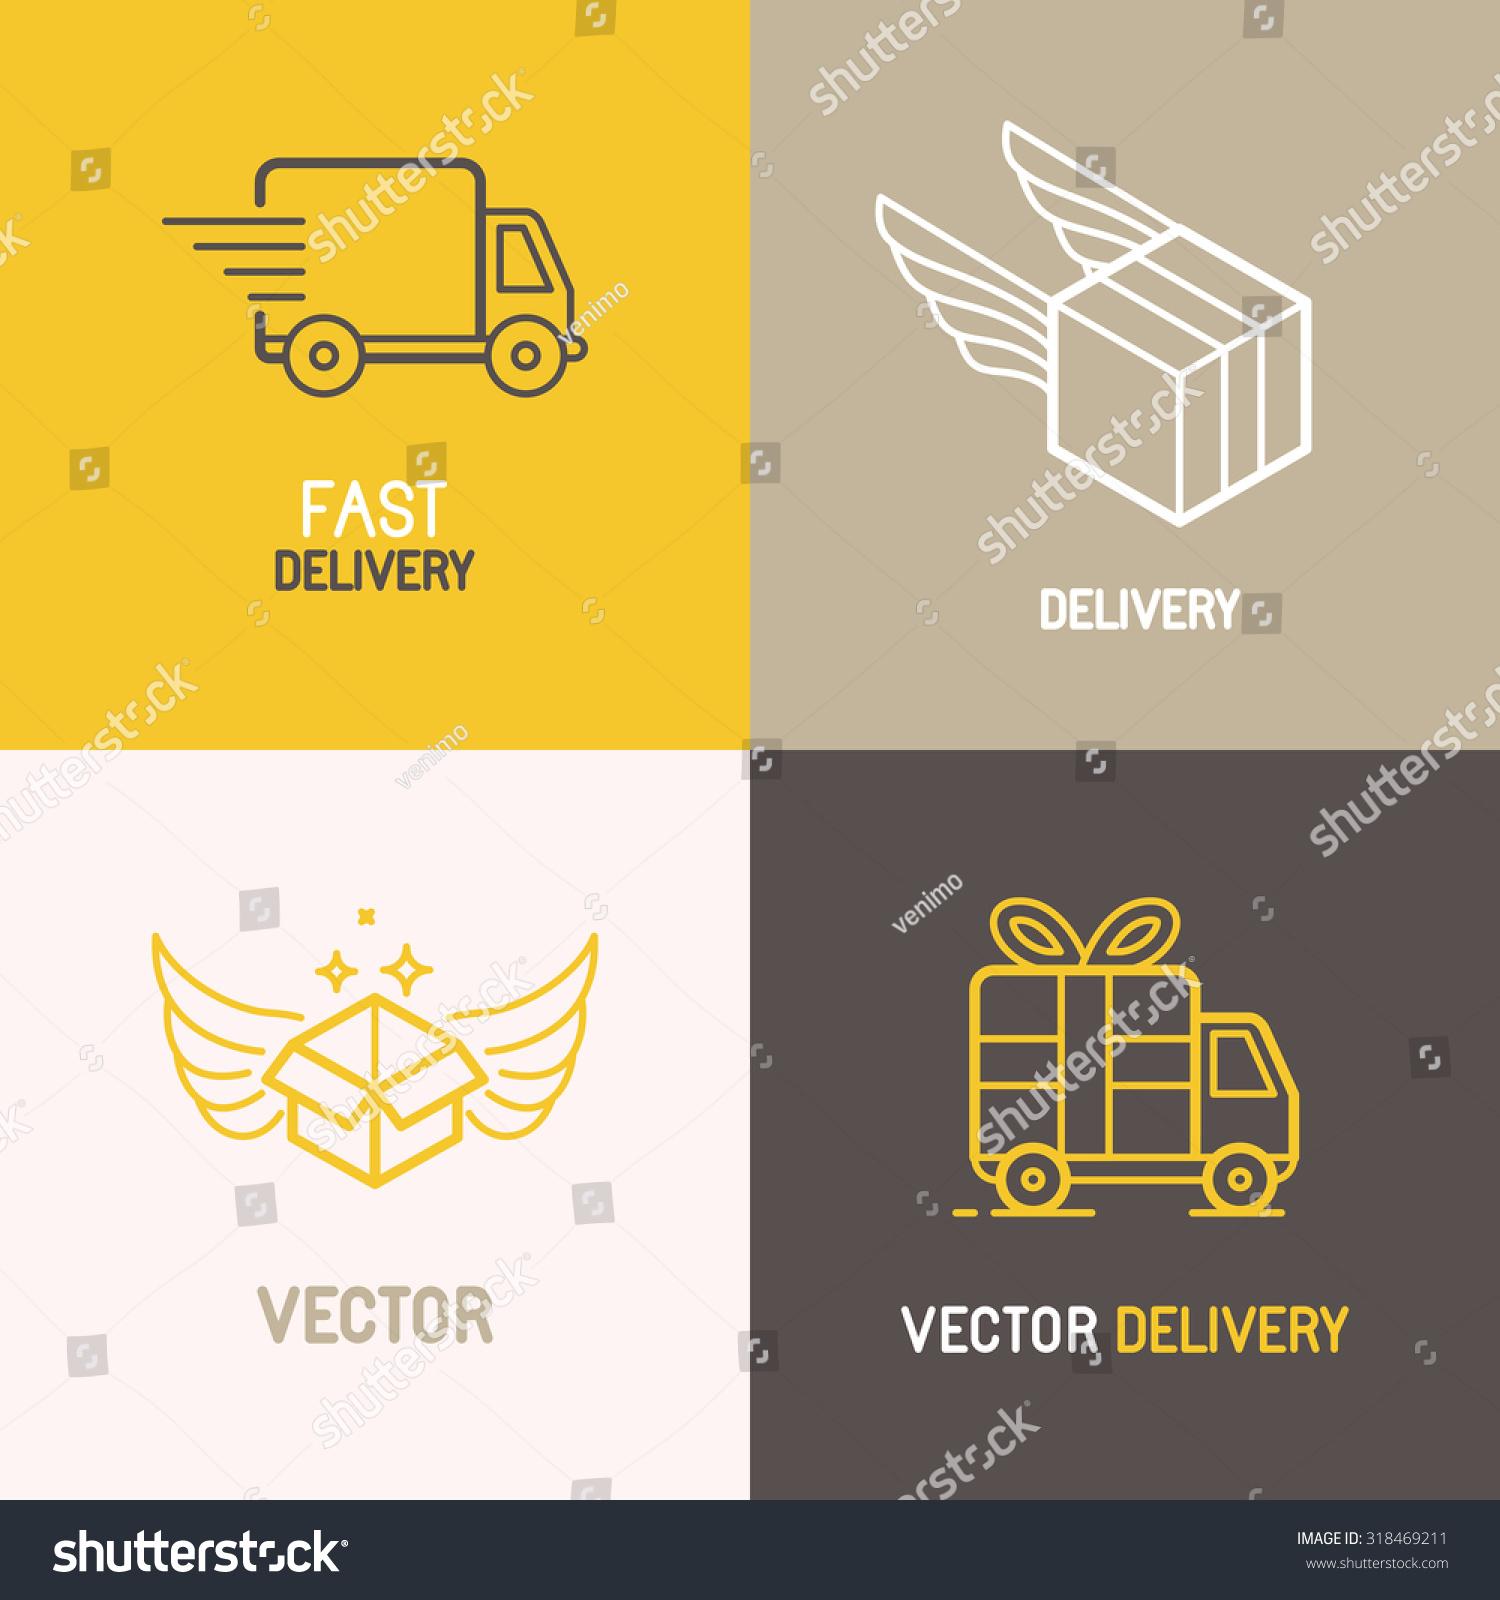 vector express delivery service logo design stock vector